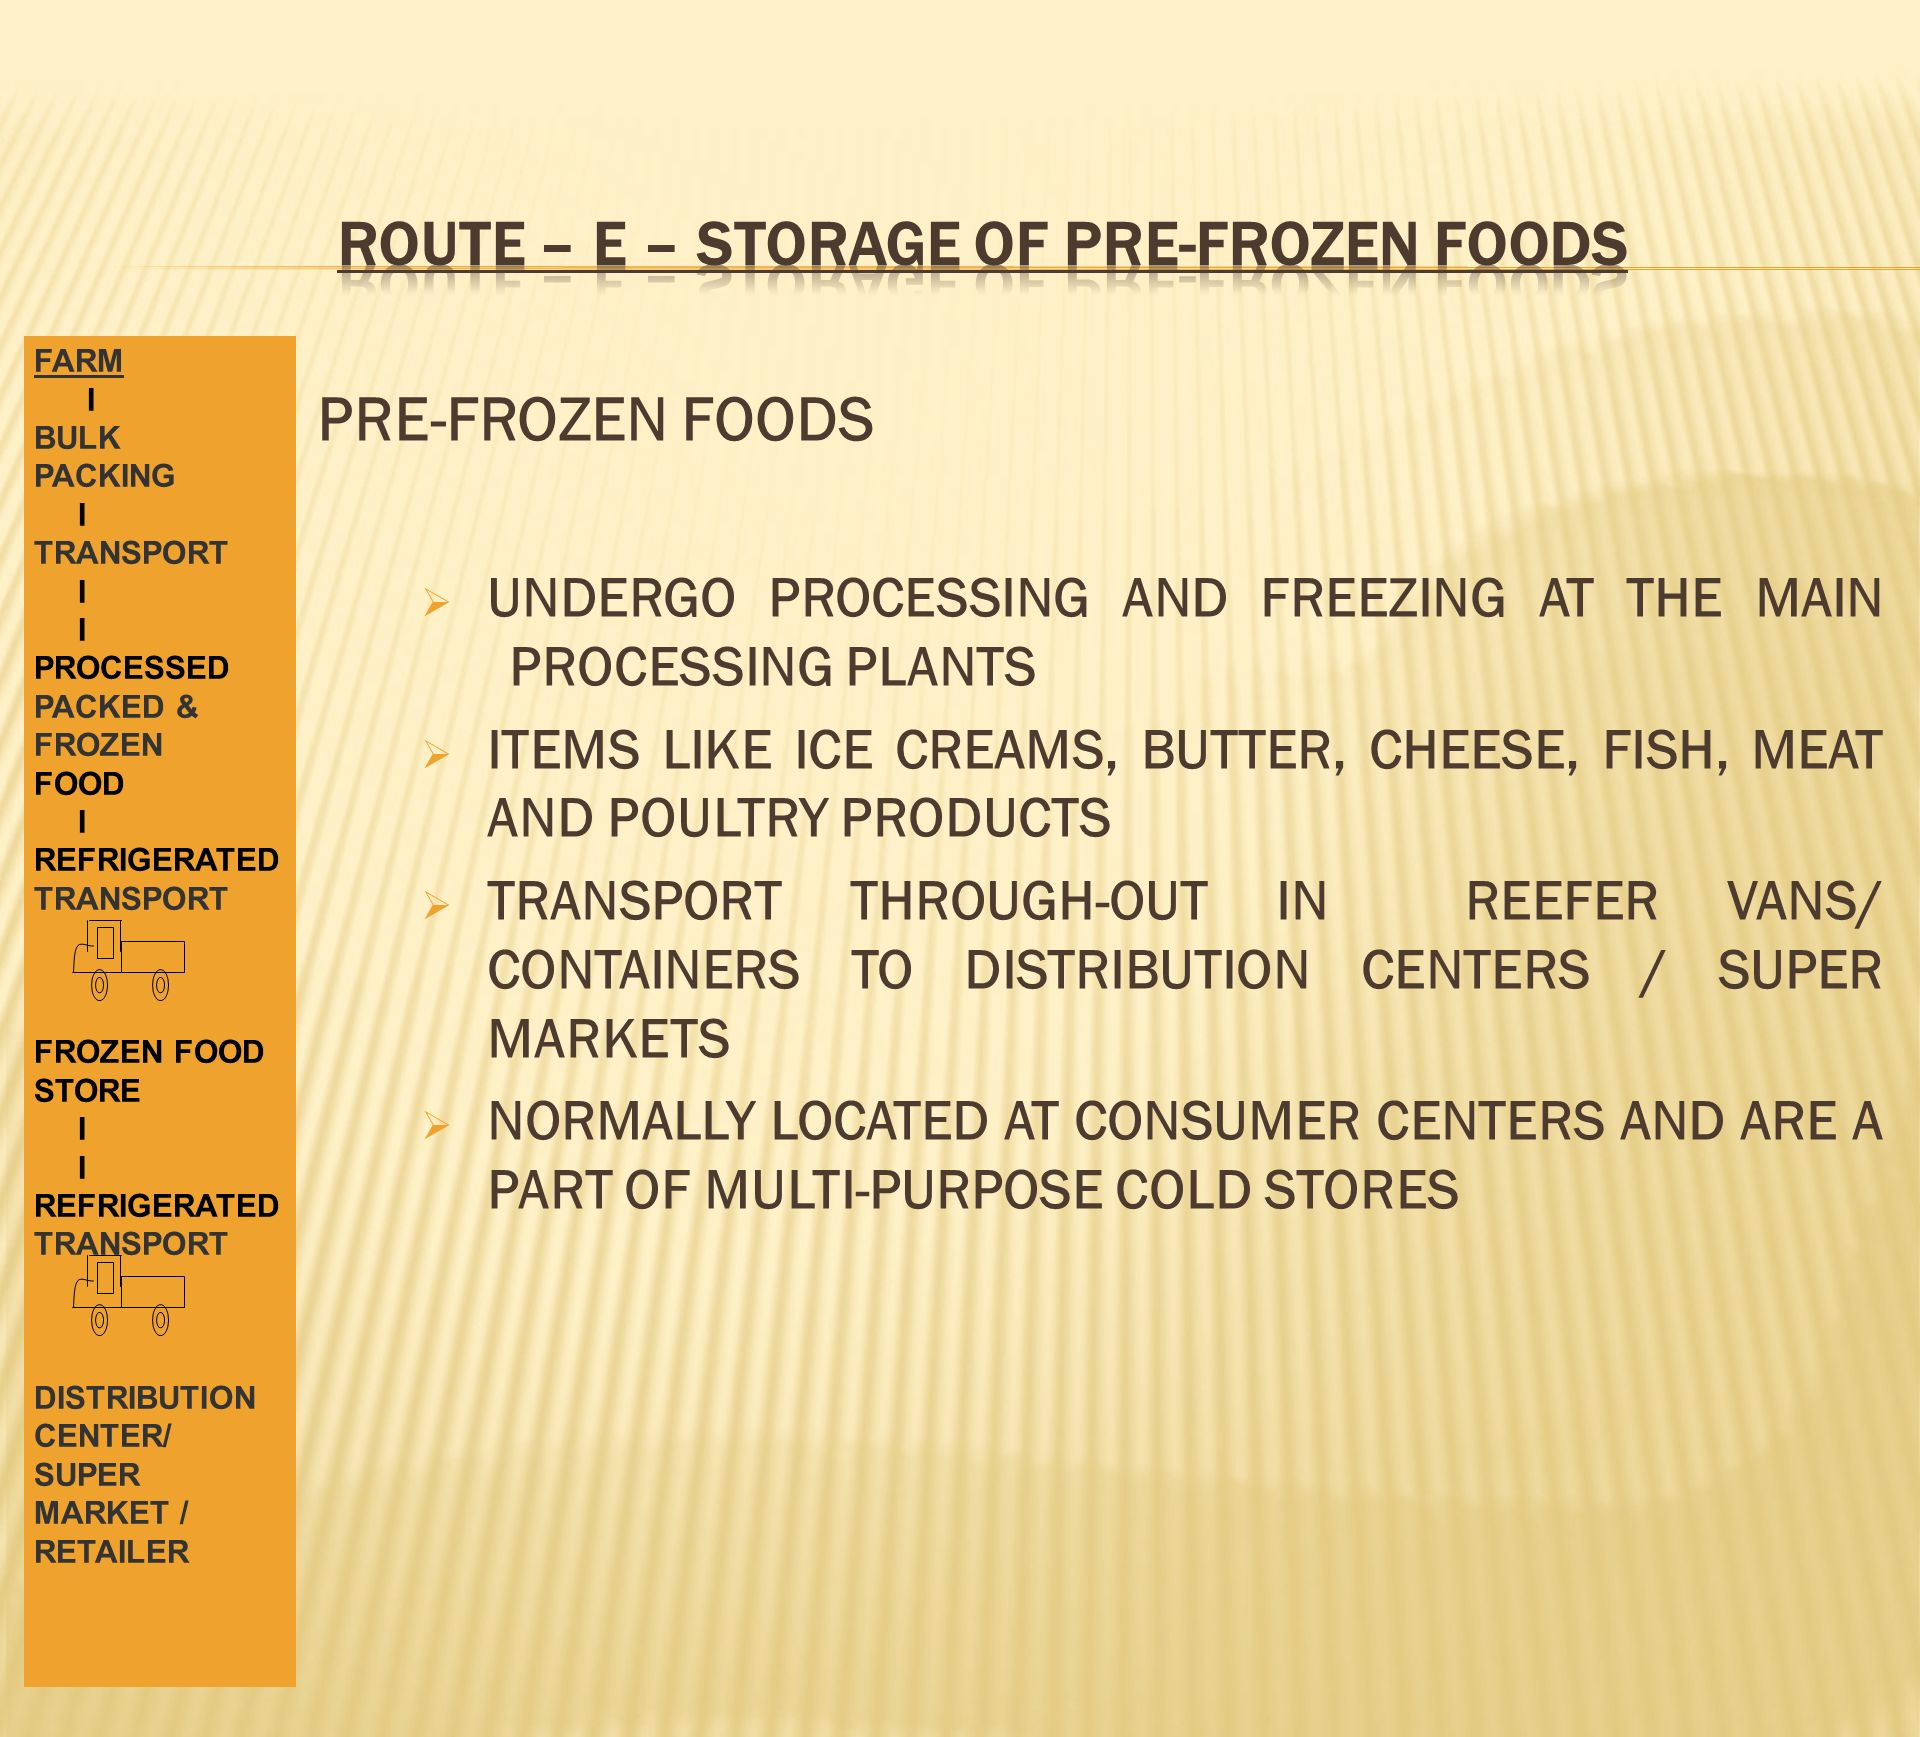 ROUTE – E – STORAGE OF PRE-FROZEN FOODS